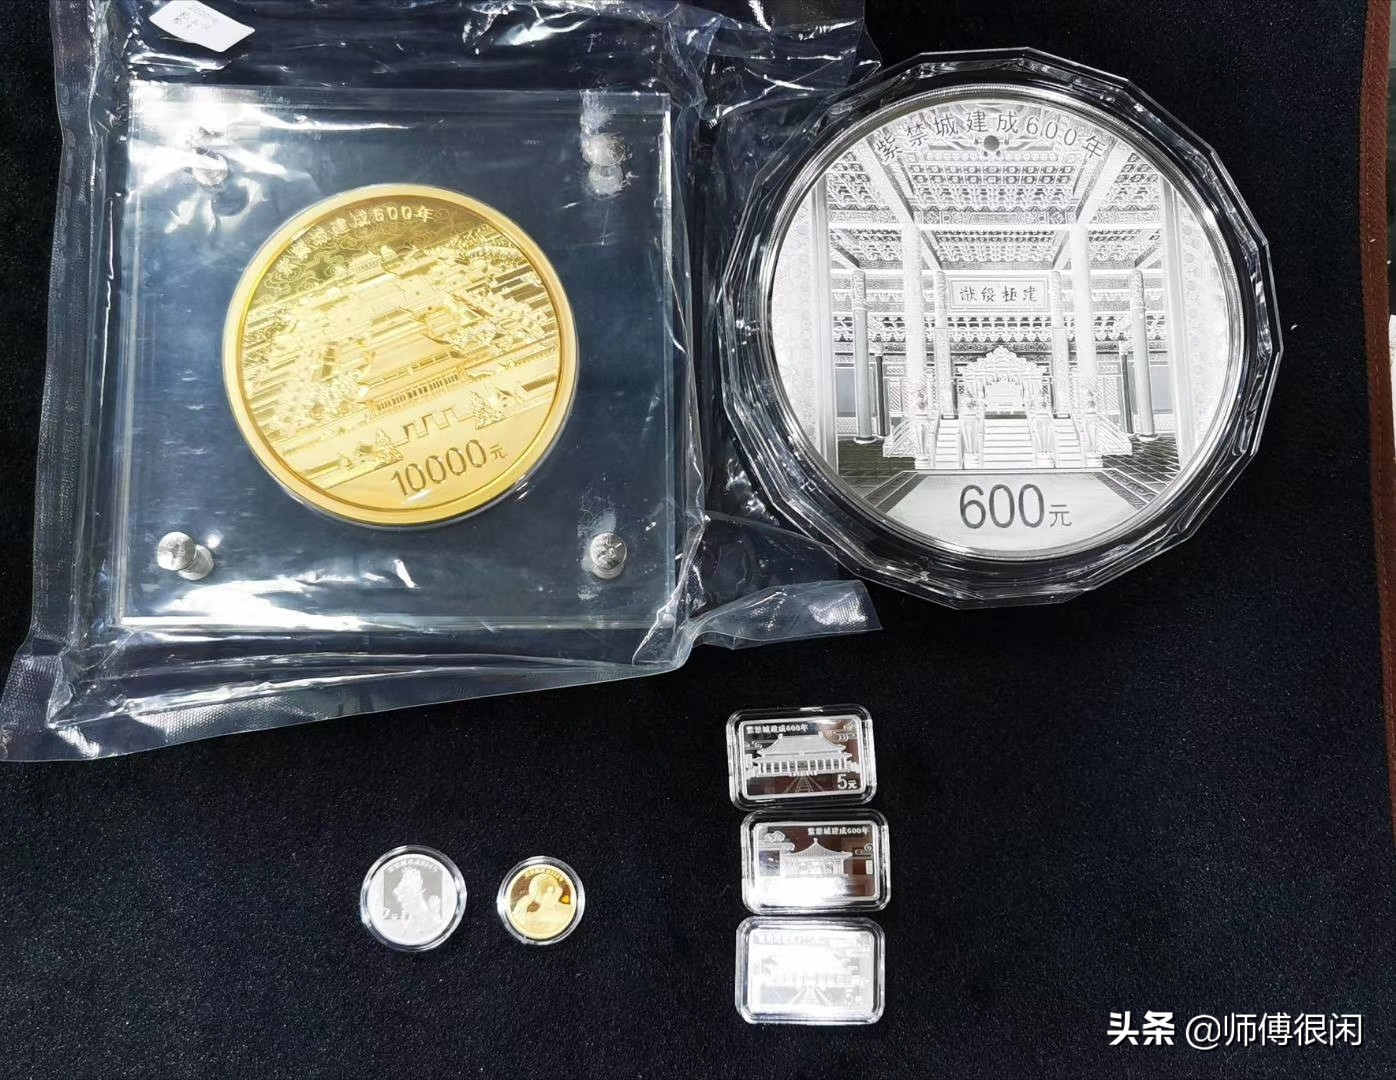 紫禁城(故宫)600周年金银纪念币个别品种破发